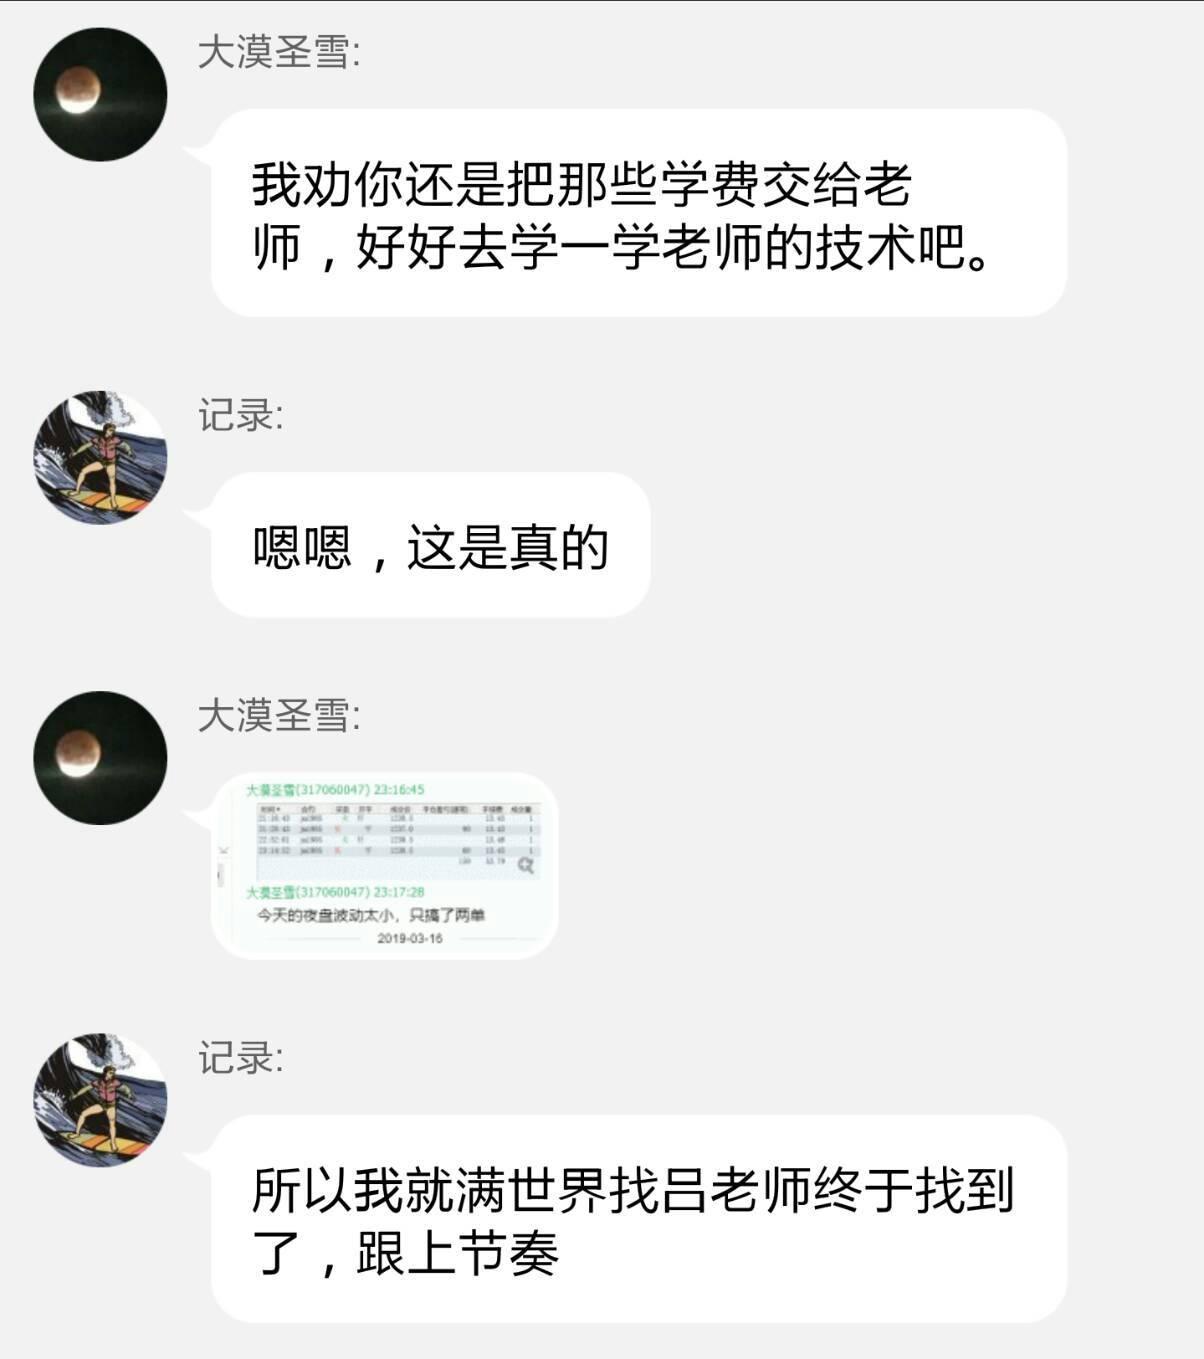 用箱波均生死簿判6月大行情_46